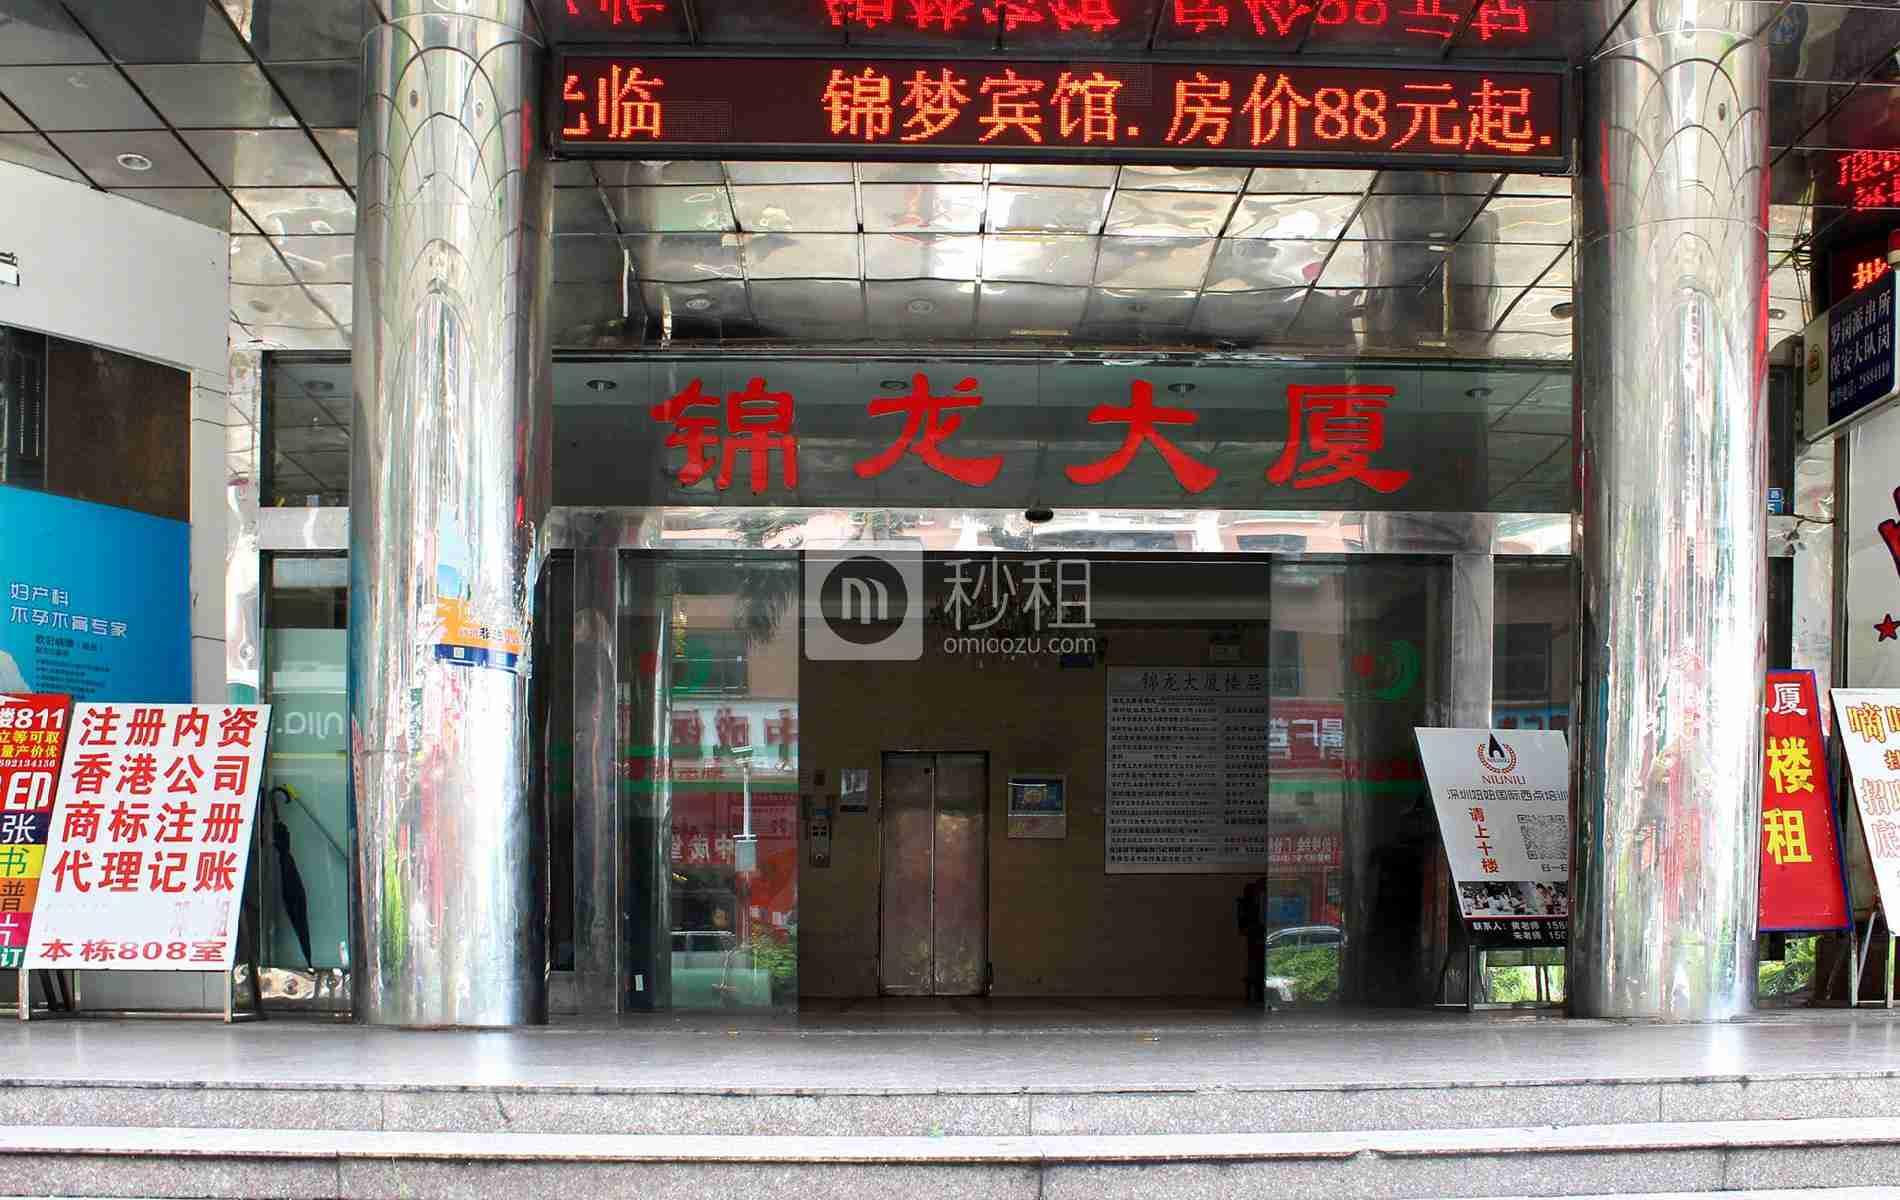 锦龙大厦写字楼出租/招租/租赁,锦龙大厦办公室出租/招租/租赁